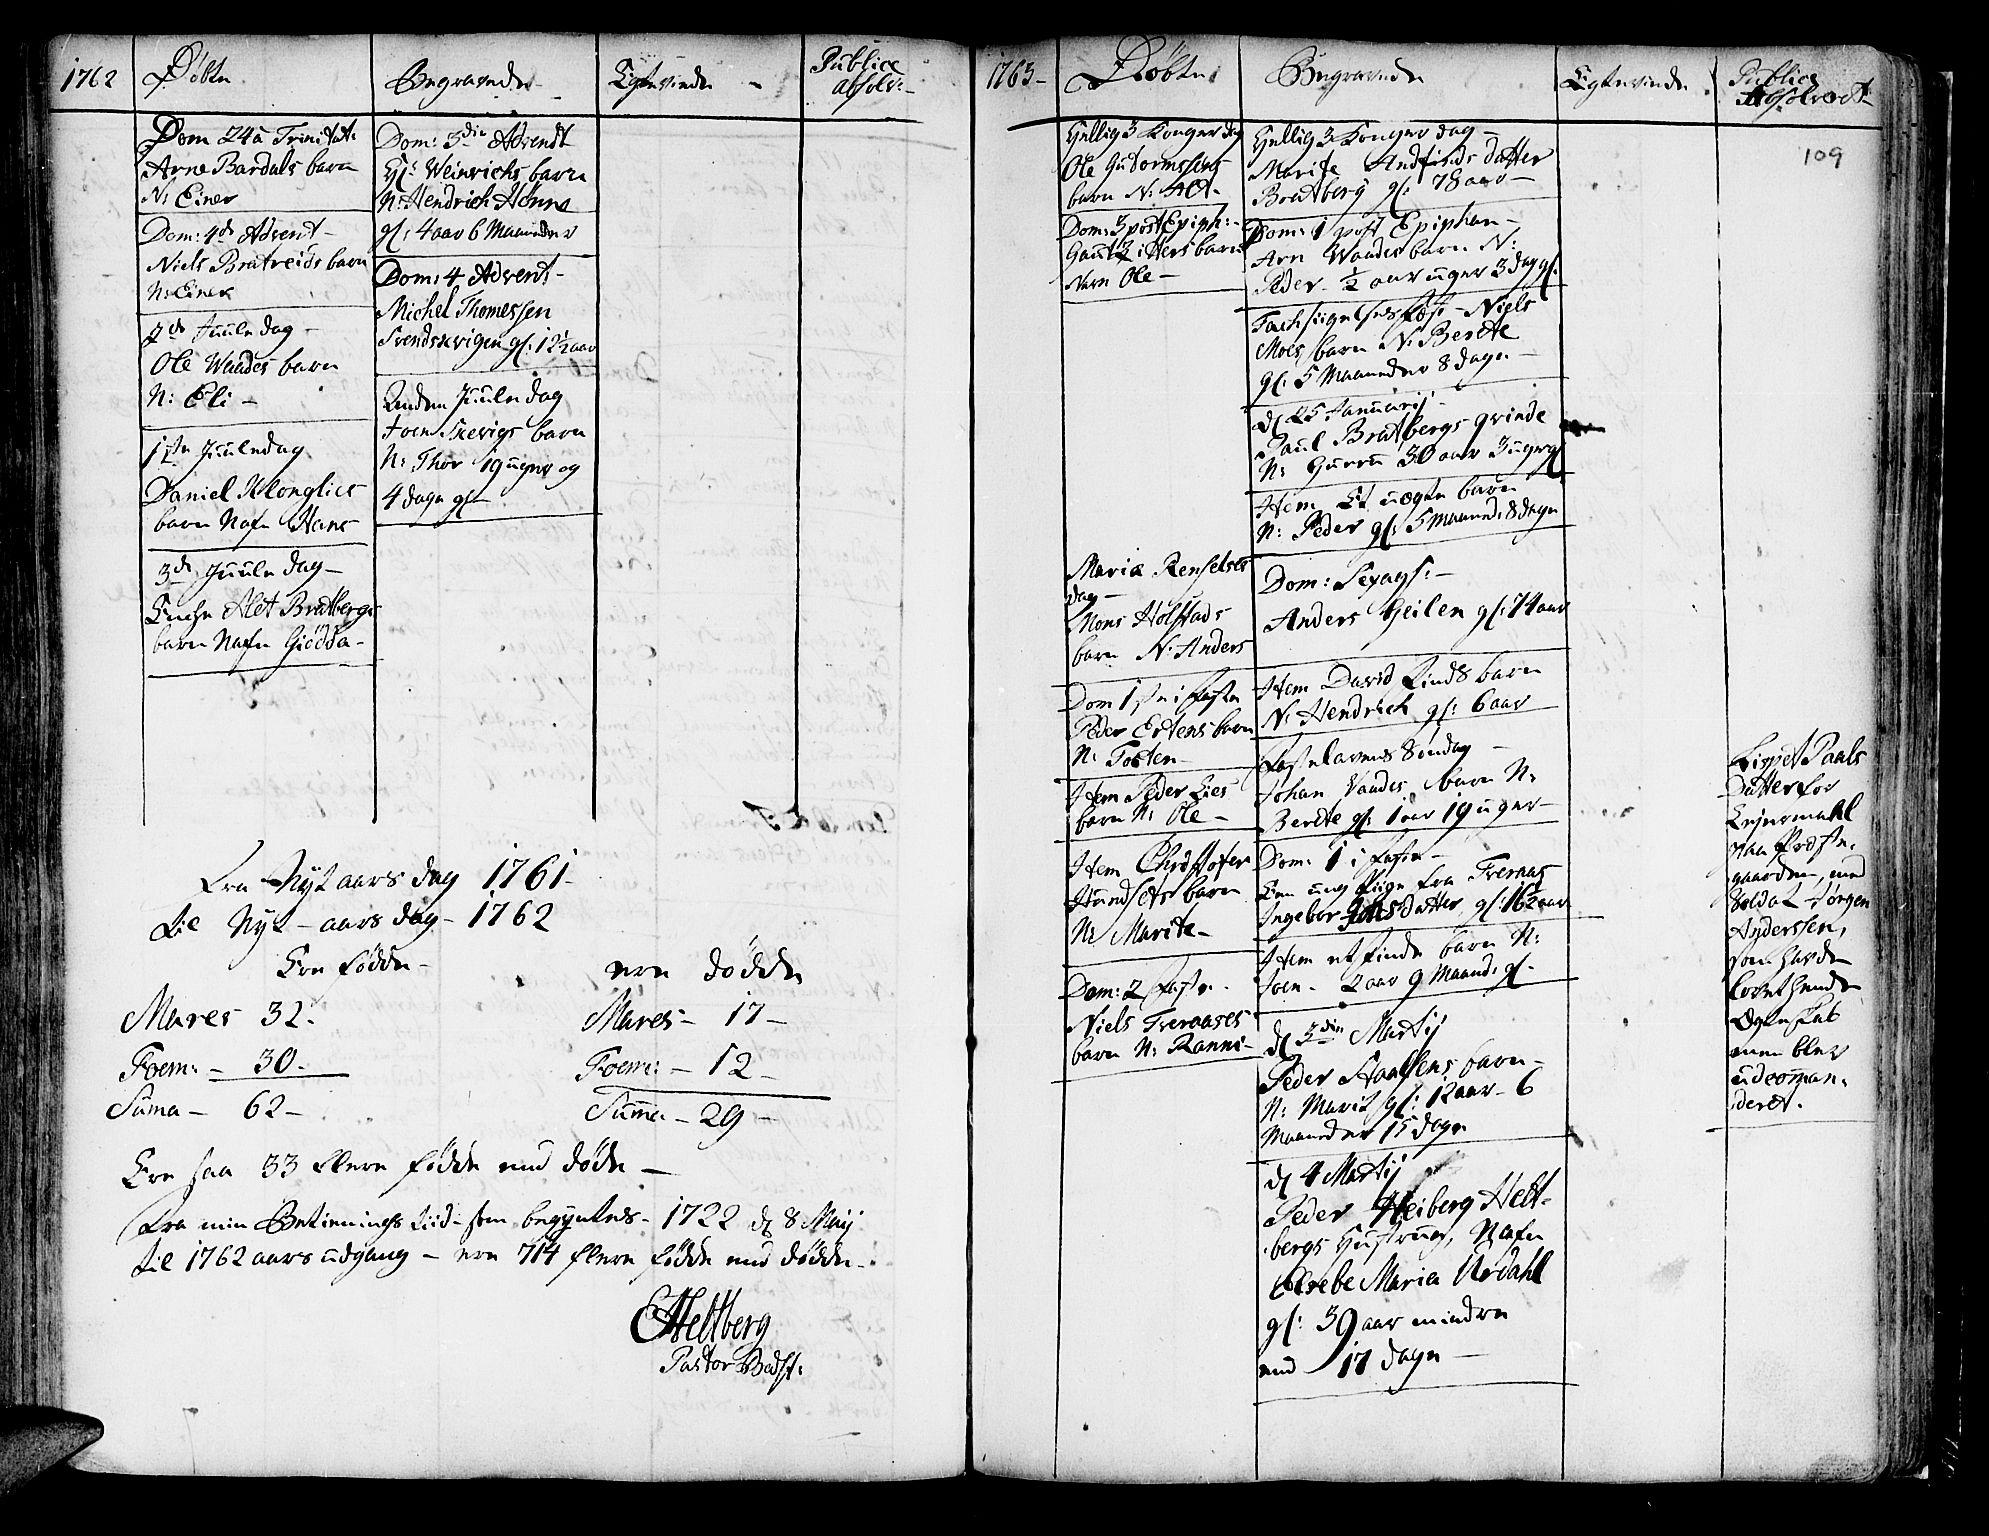 SAT, Ministerialprotokoller, klokkerbøker og fødselsregistre - Nord-Trøndelag, 741/L0385: Ministerialbok nr. 741A01, 1722-1815, s. 109